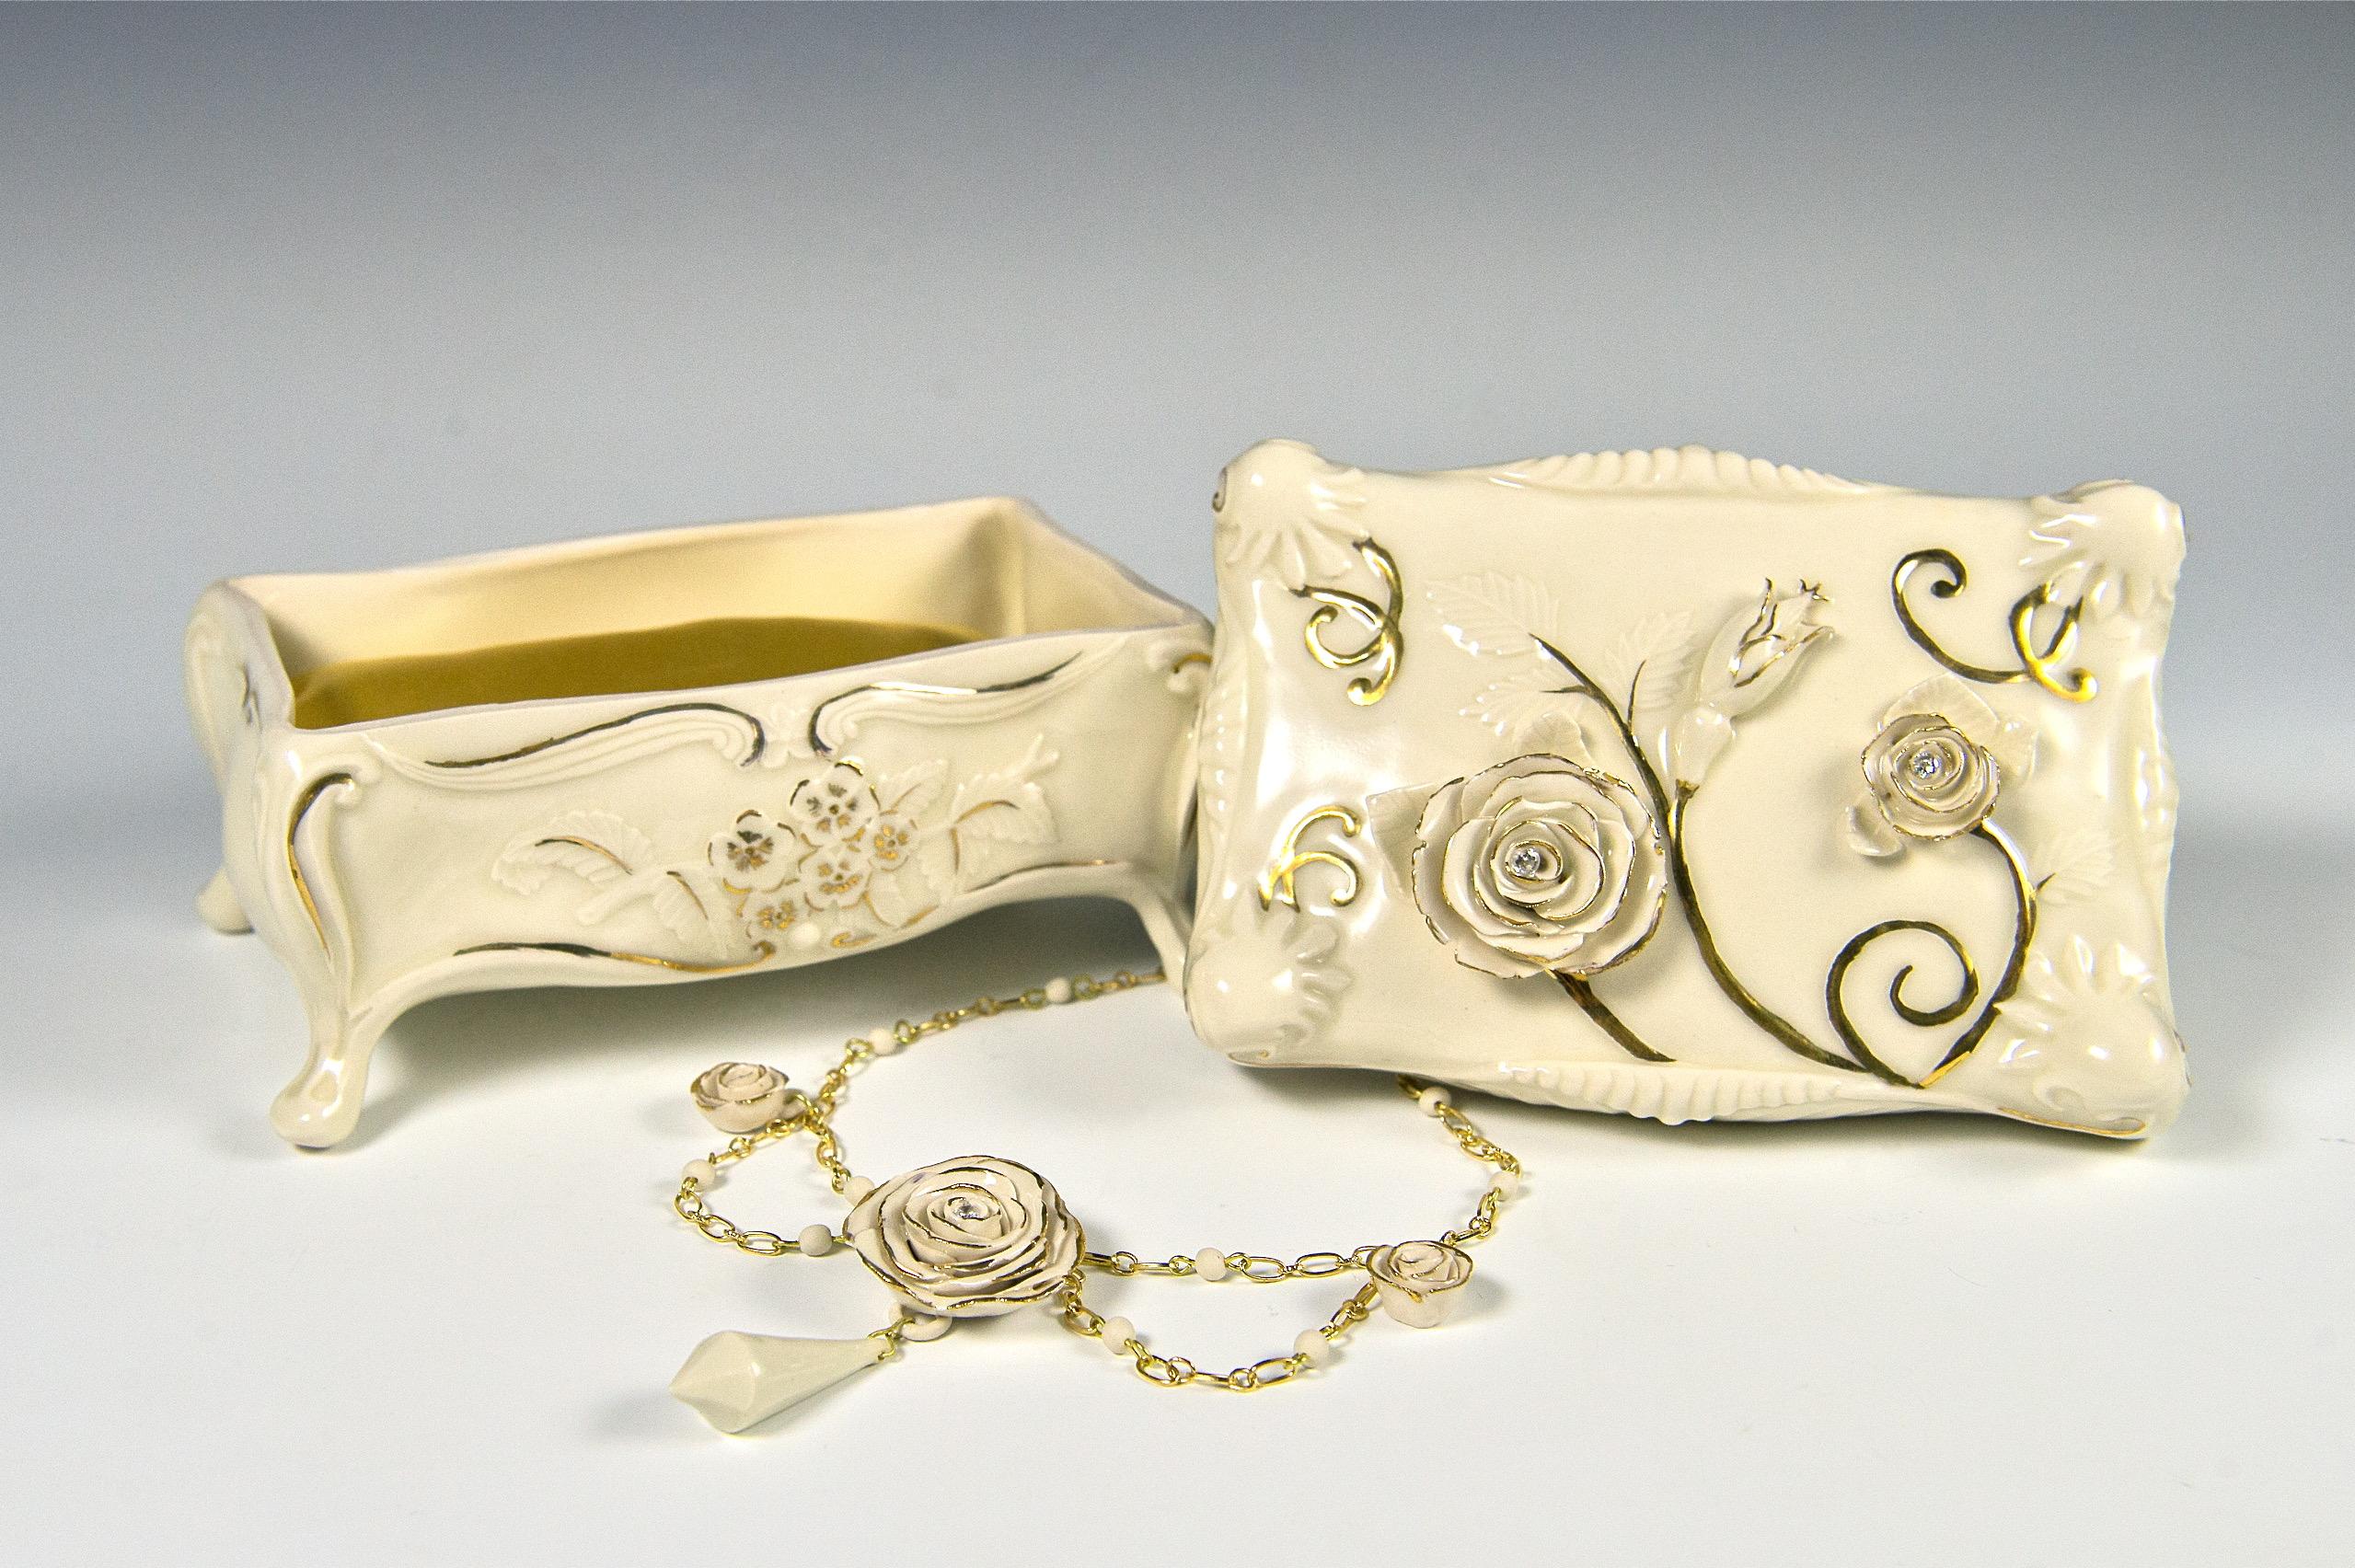 Victorian Jewelry Box w/ Necklace